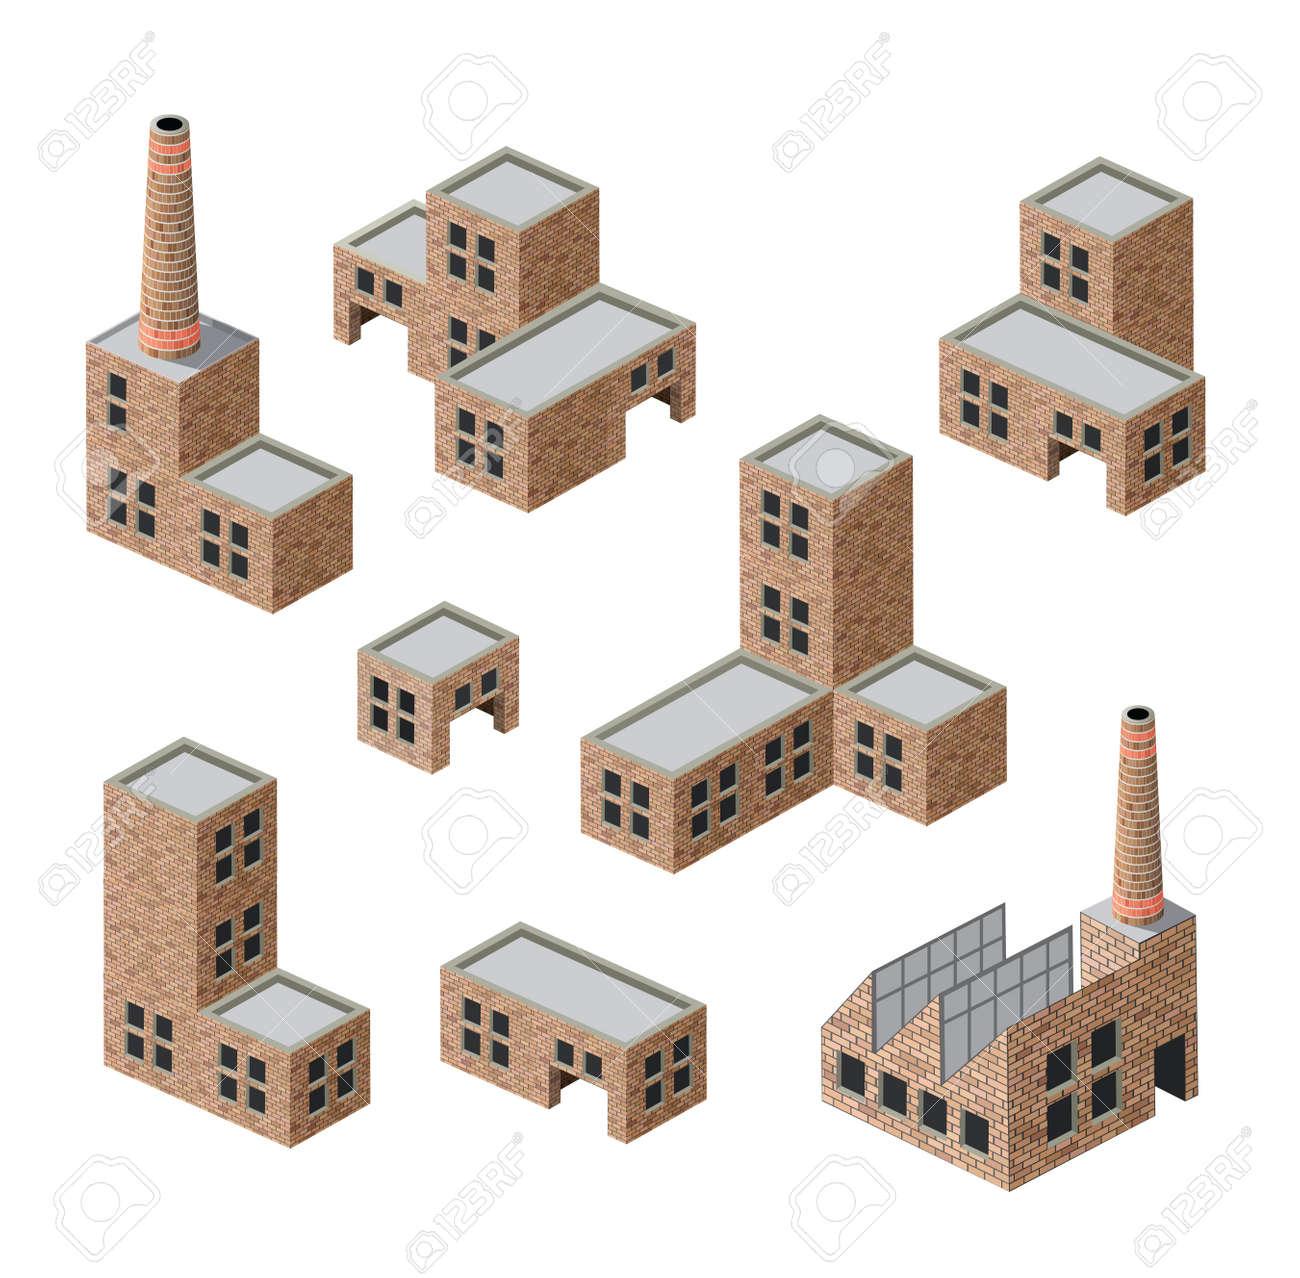 immagini isometriche di edifici industriali in mattoni Archivio Fotografico - 13691611